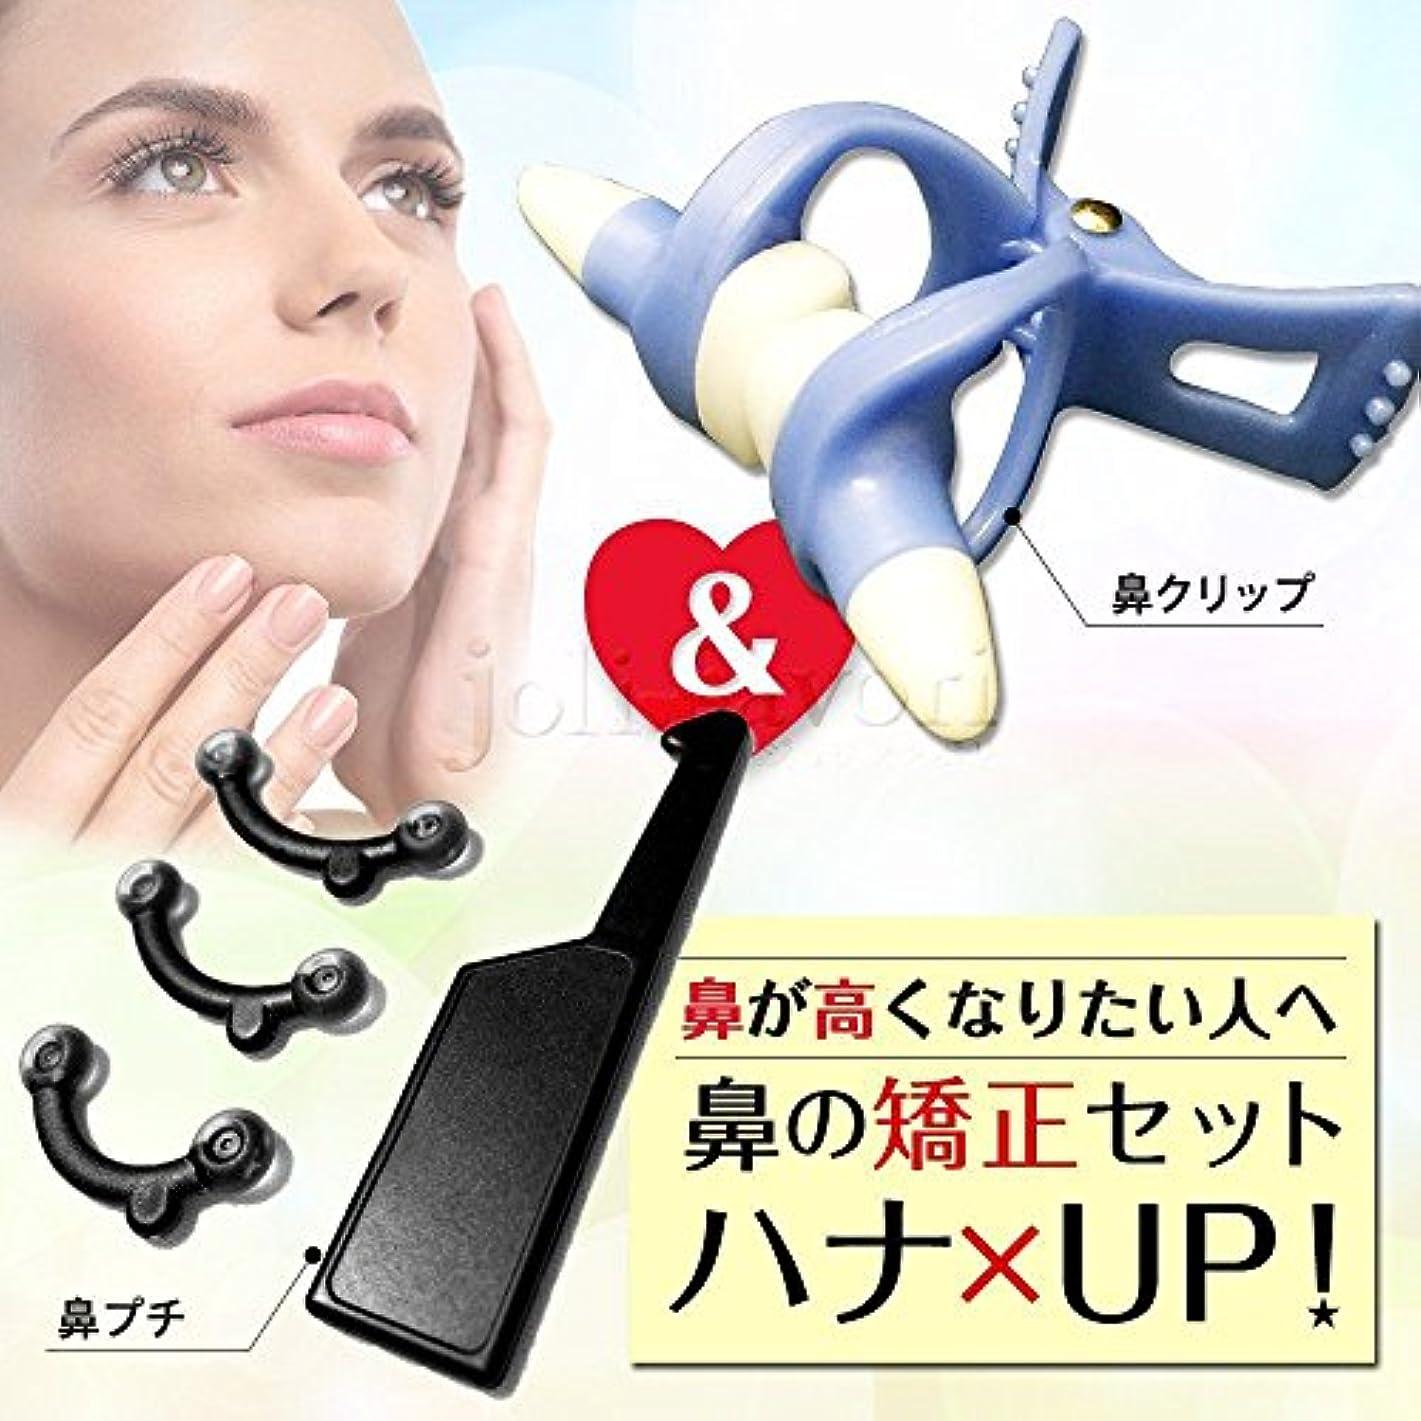 事故砲撃地域【jolifavori】鼻プチ&ノーズアップ 着けるだけ簡単!鼻メイク矯正セット